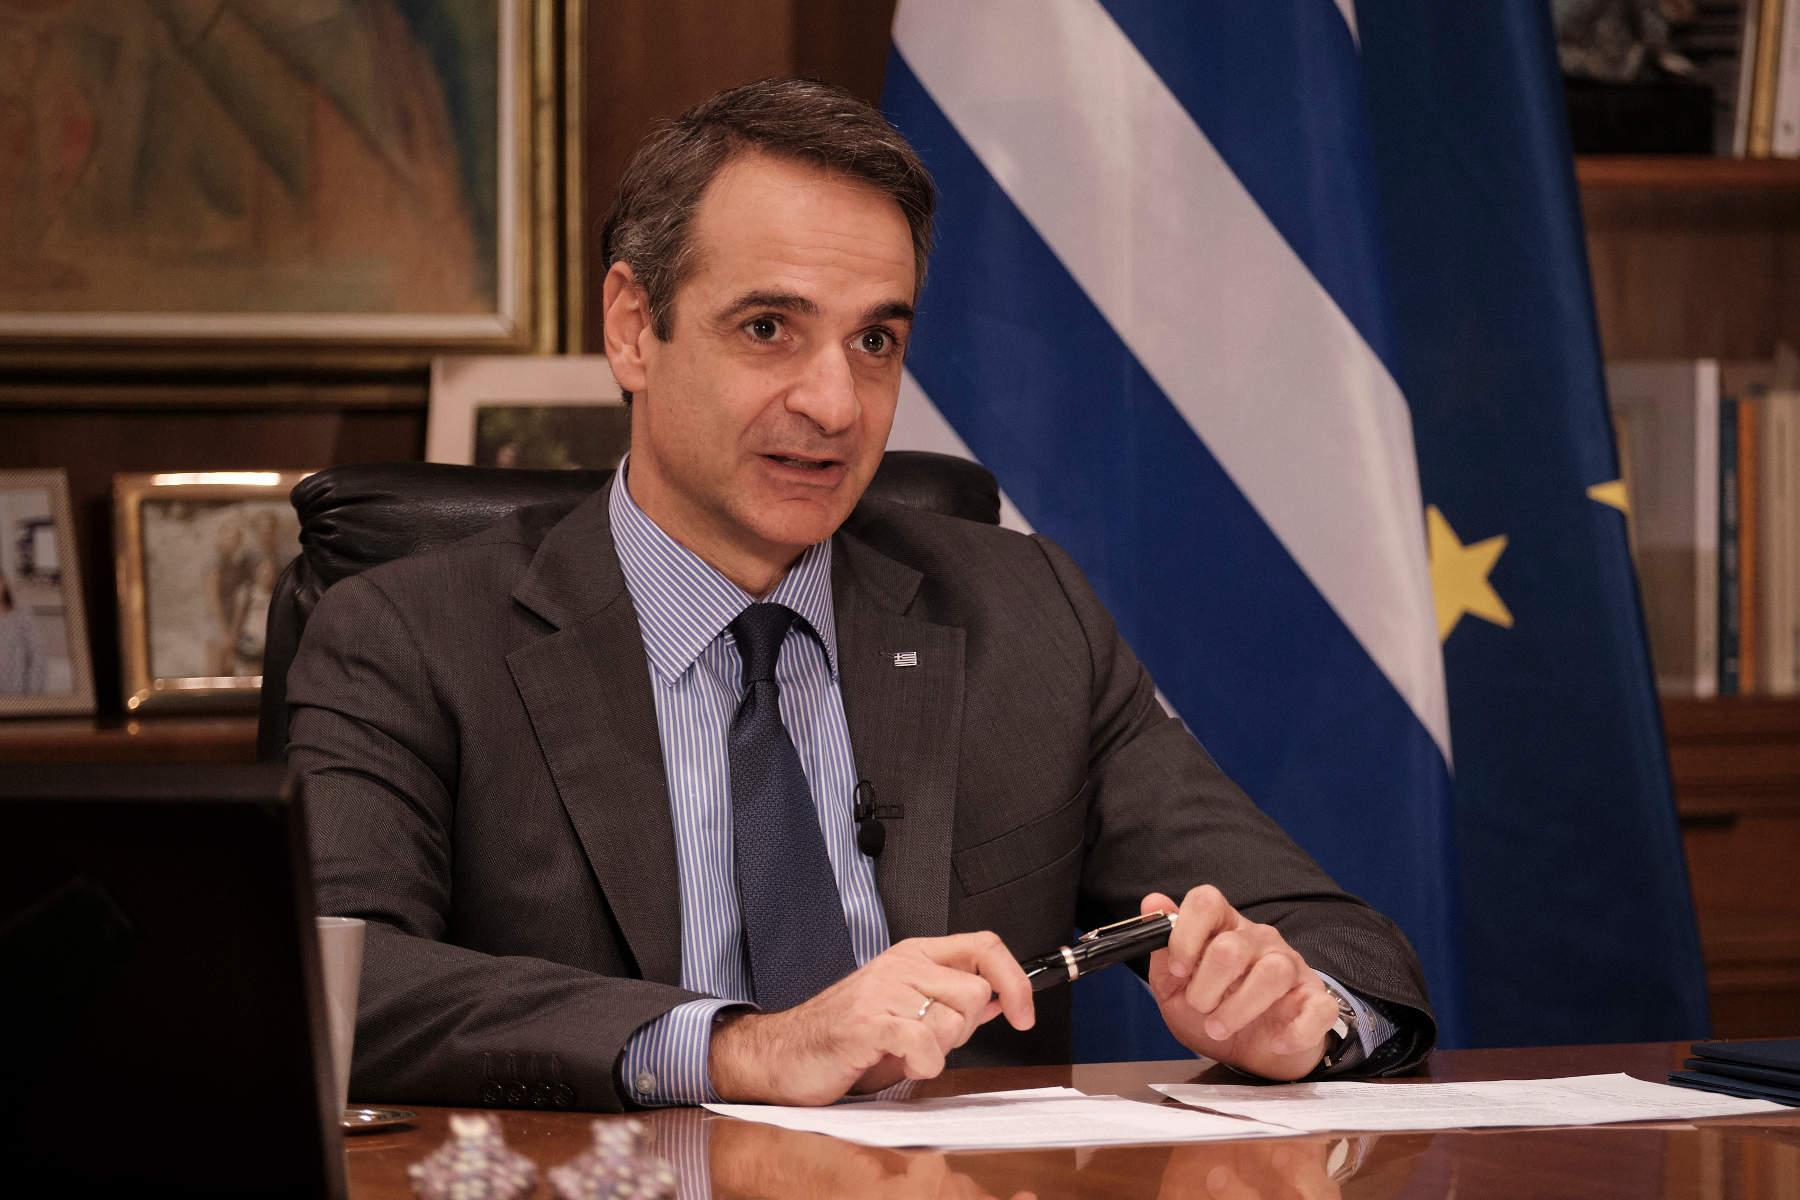 Μητσοτάκης: Επικοινωνία με τον νέο πρωθυπουργό της Ρουμανίας για το «πιστοποιητικό εμβολιασμού»